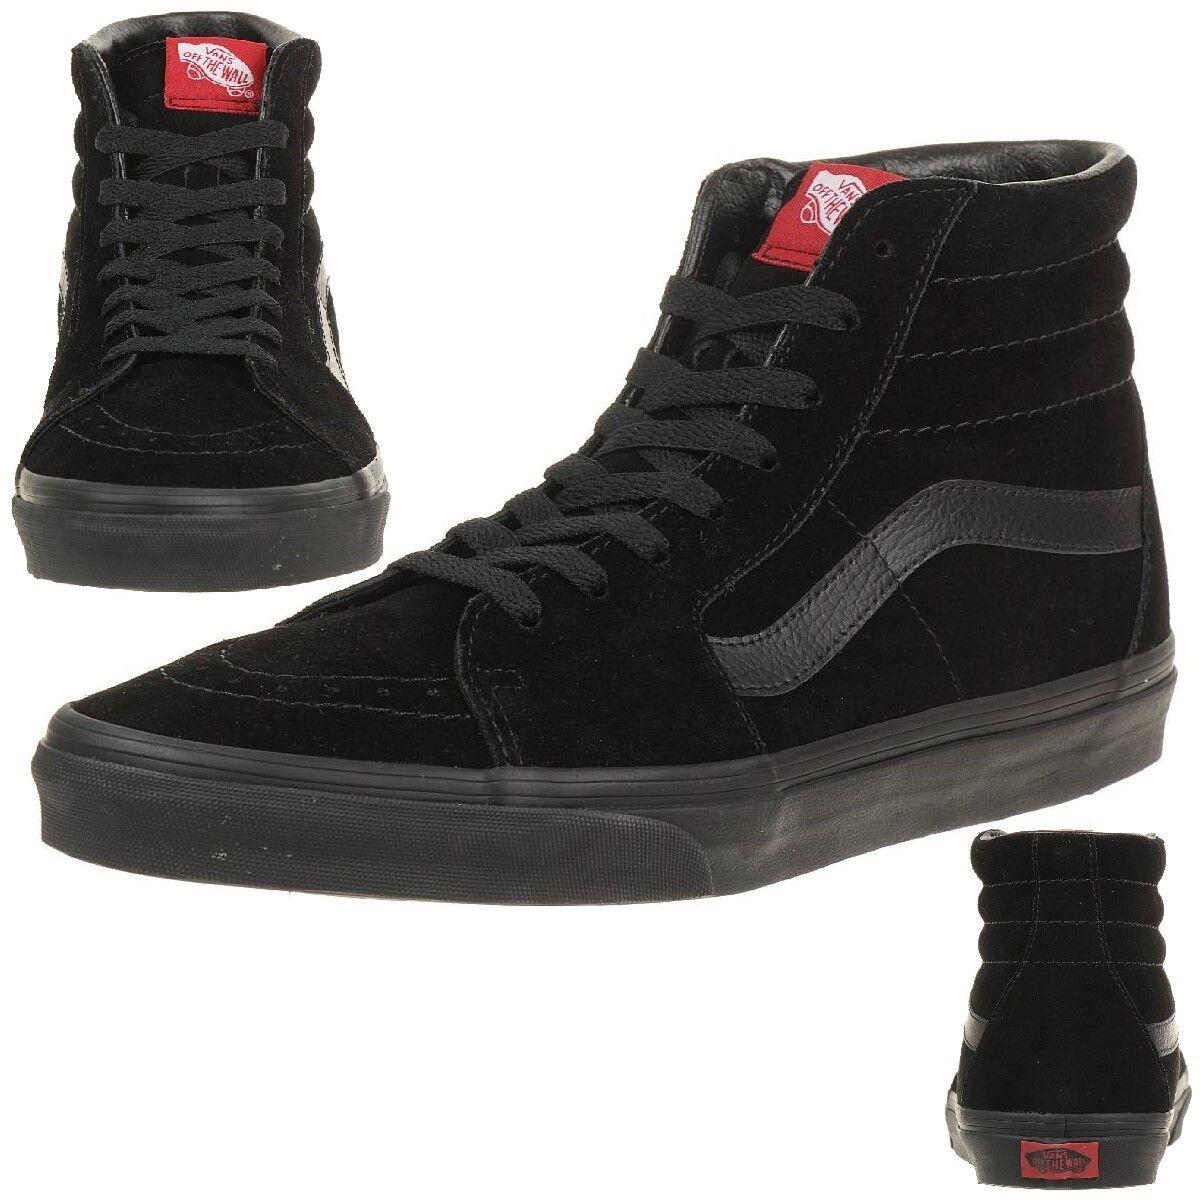 VANS Sk8-Hi Unisex-Erwachsene Sneaker VD5IBKA schwarz schwarz suede